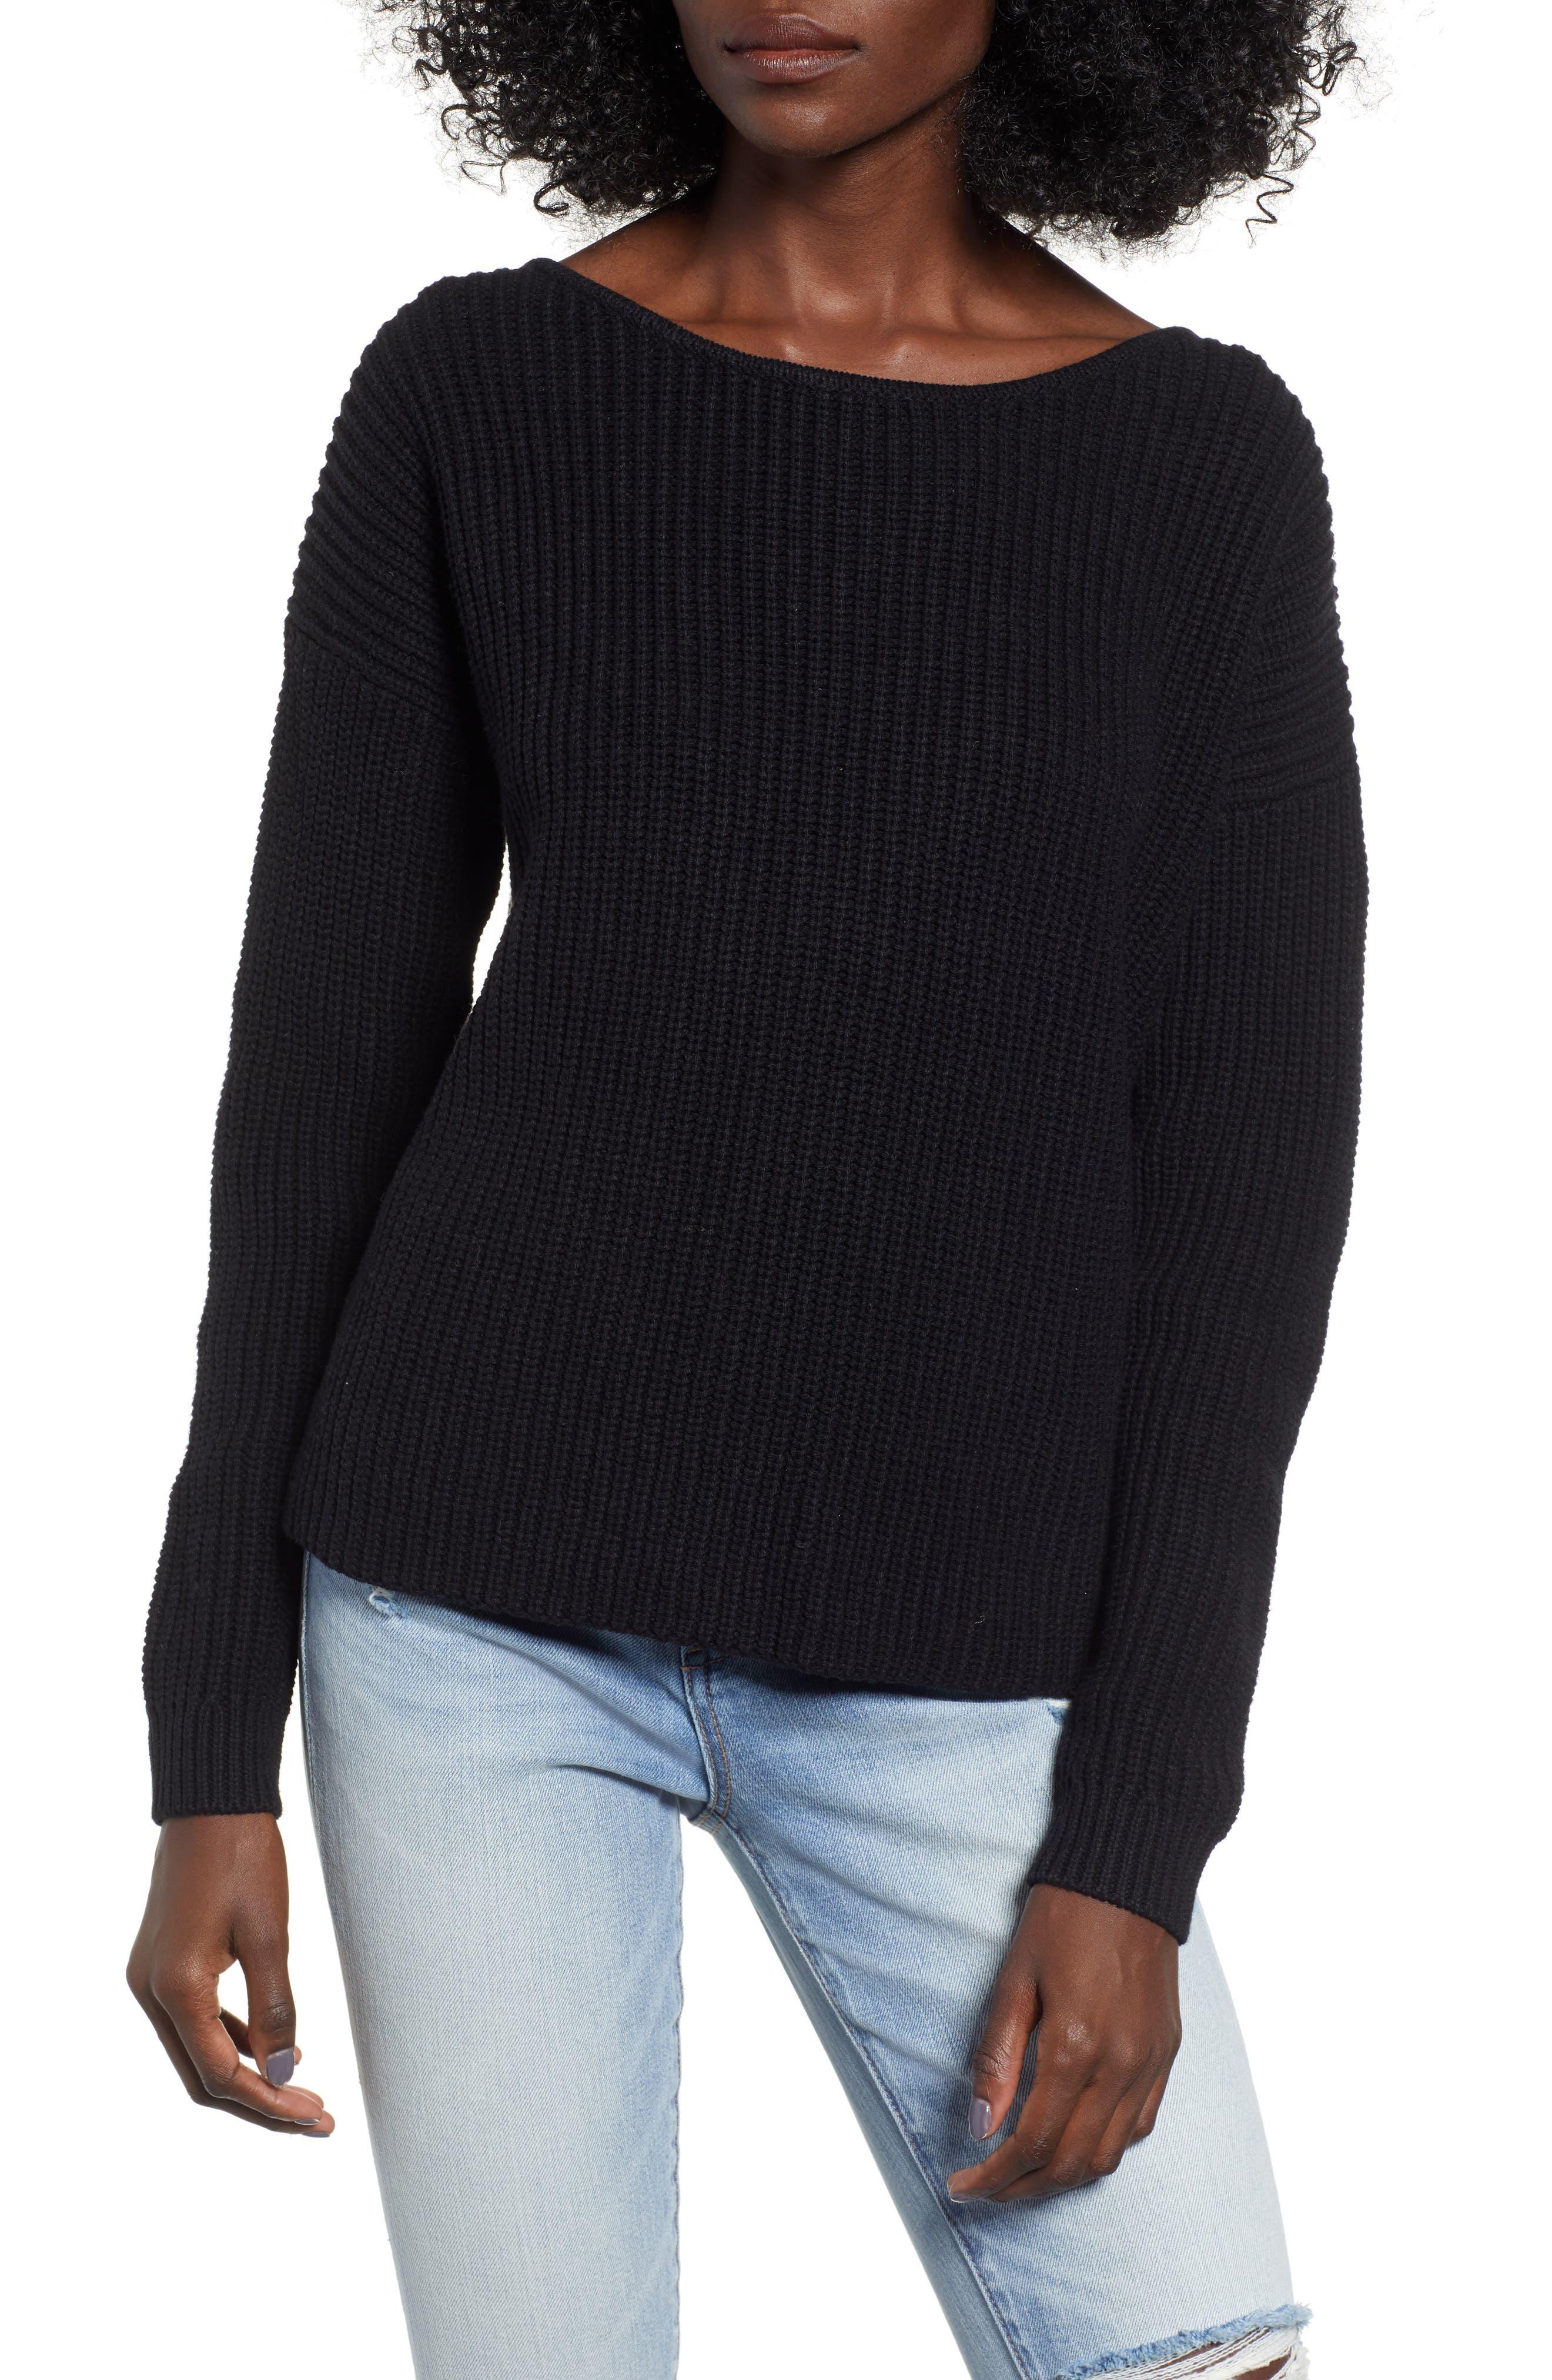 ROXY Bridge Sweater in True Black